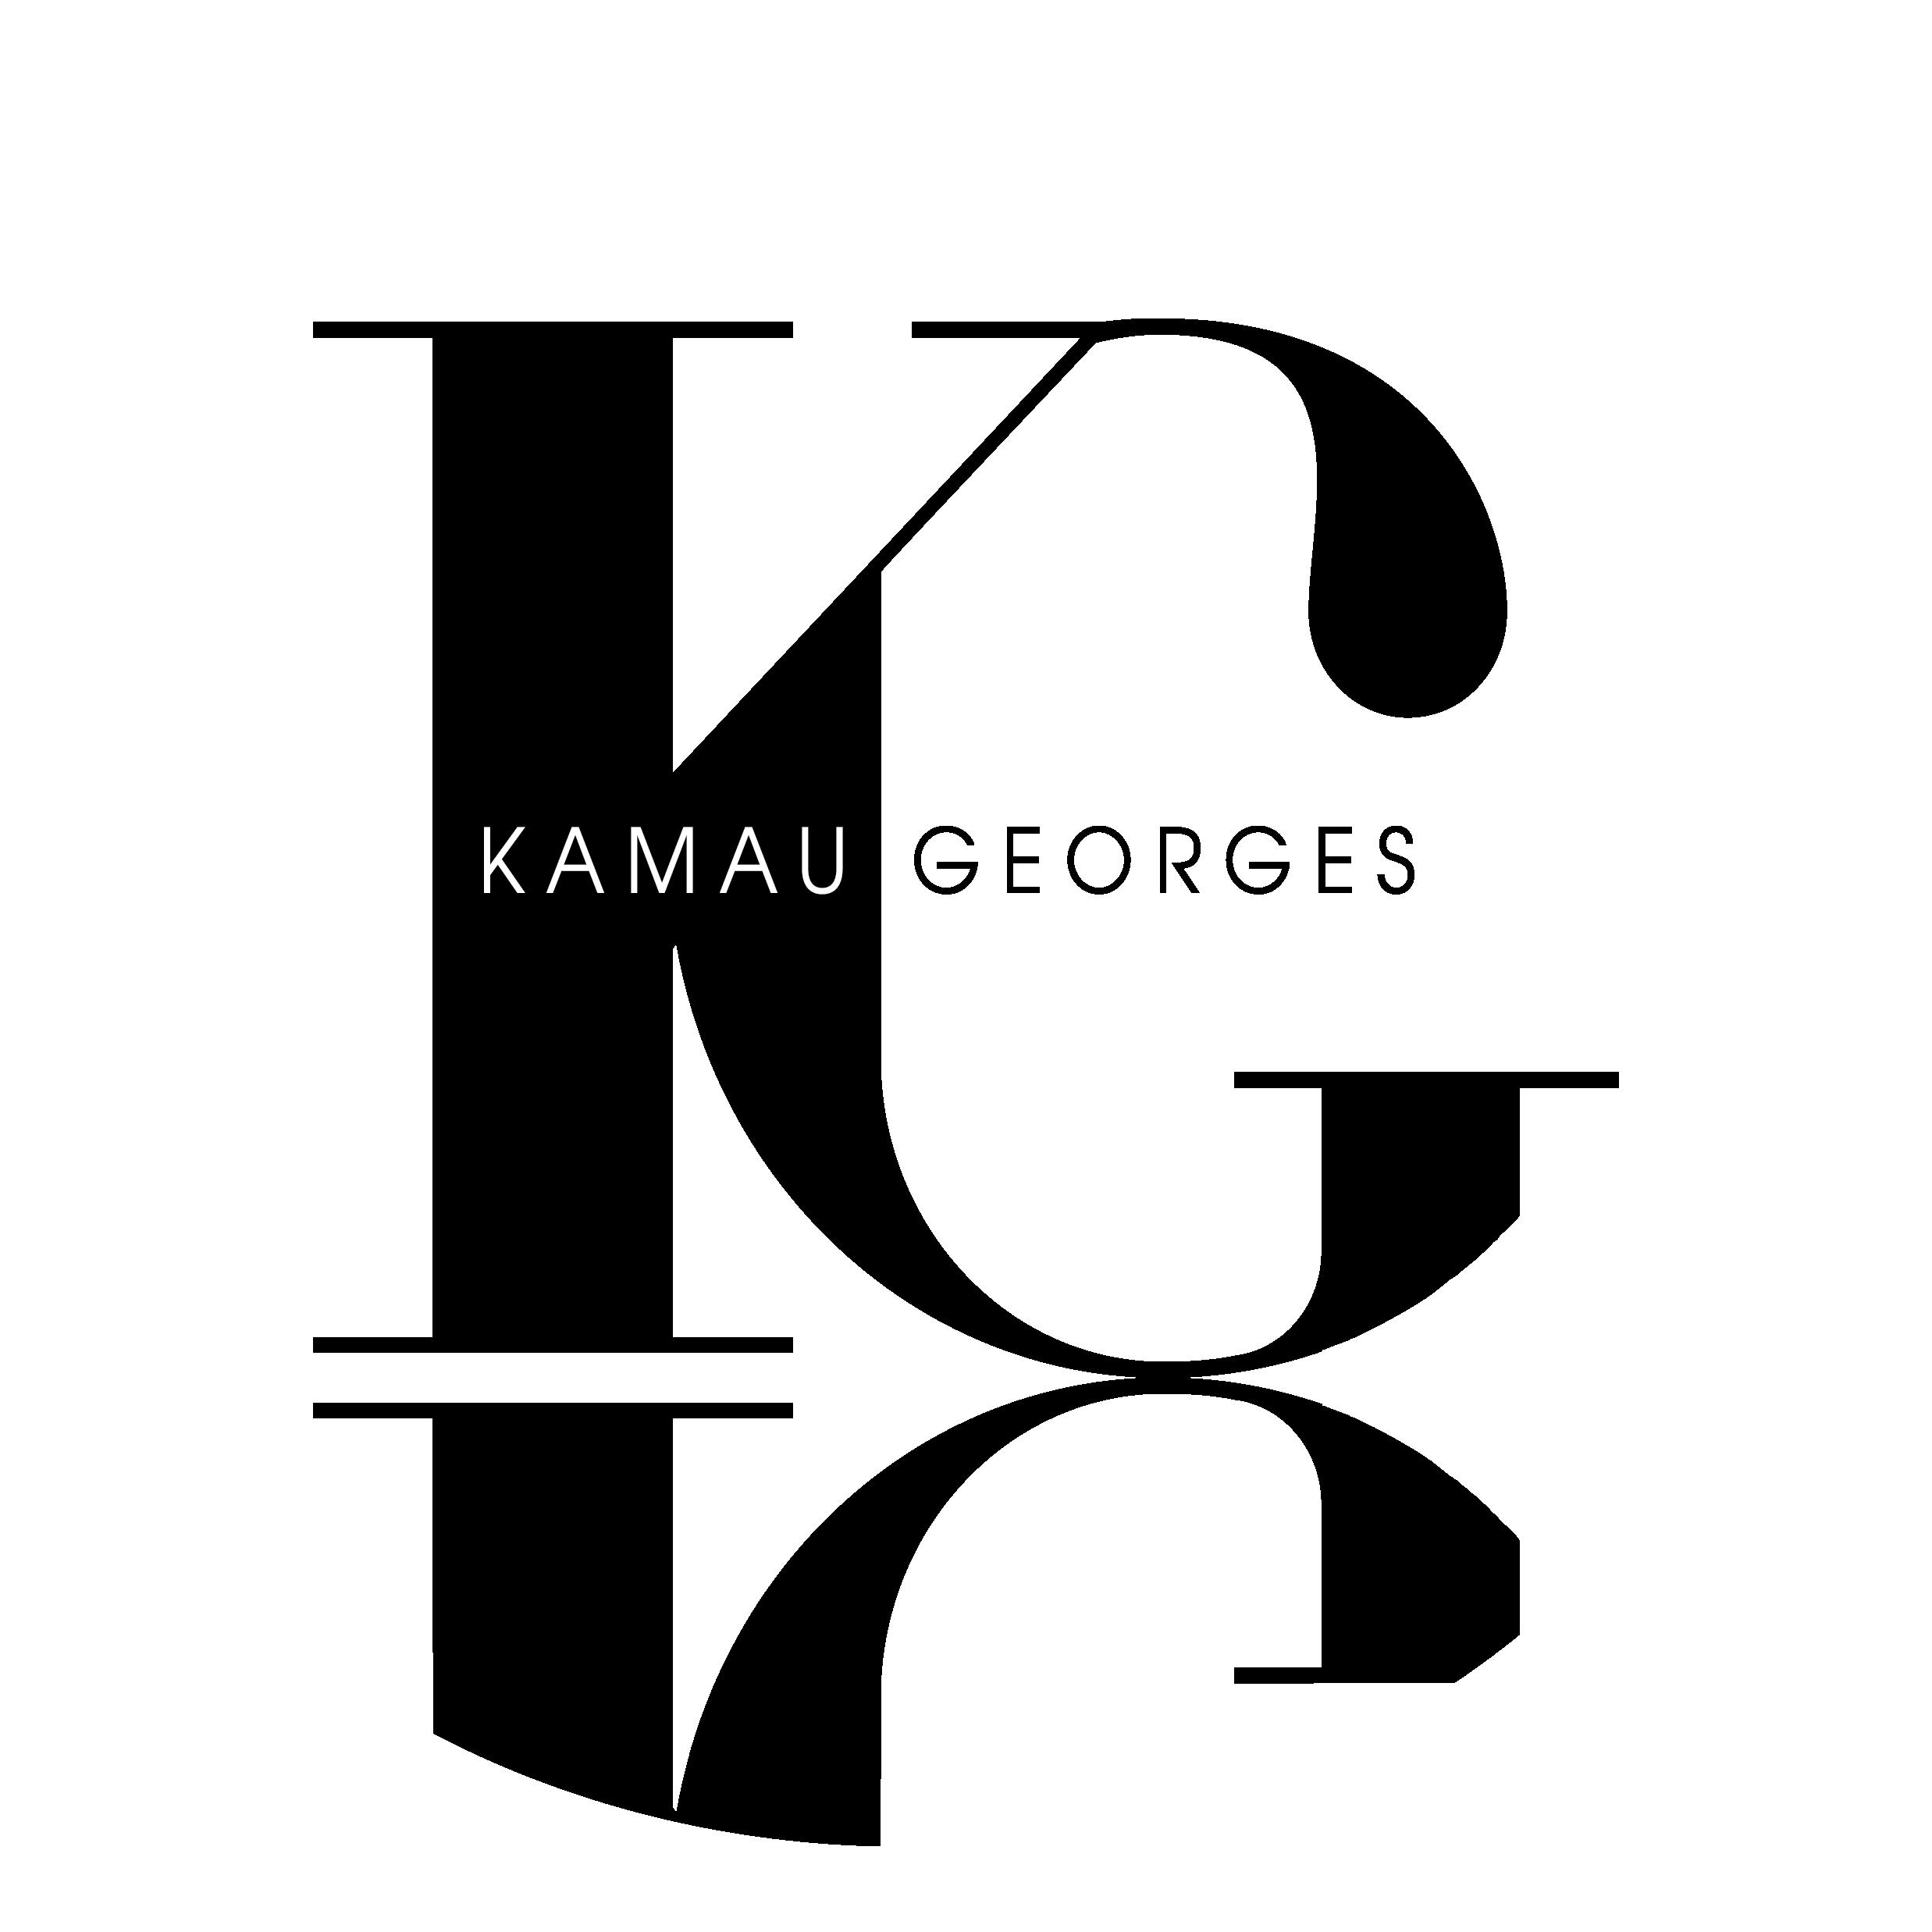 KG_Logo_FNL-01.png